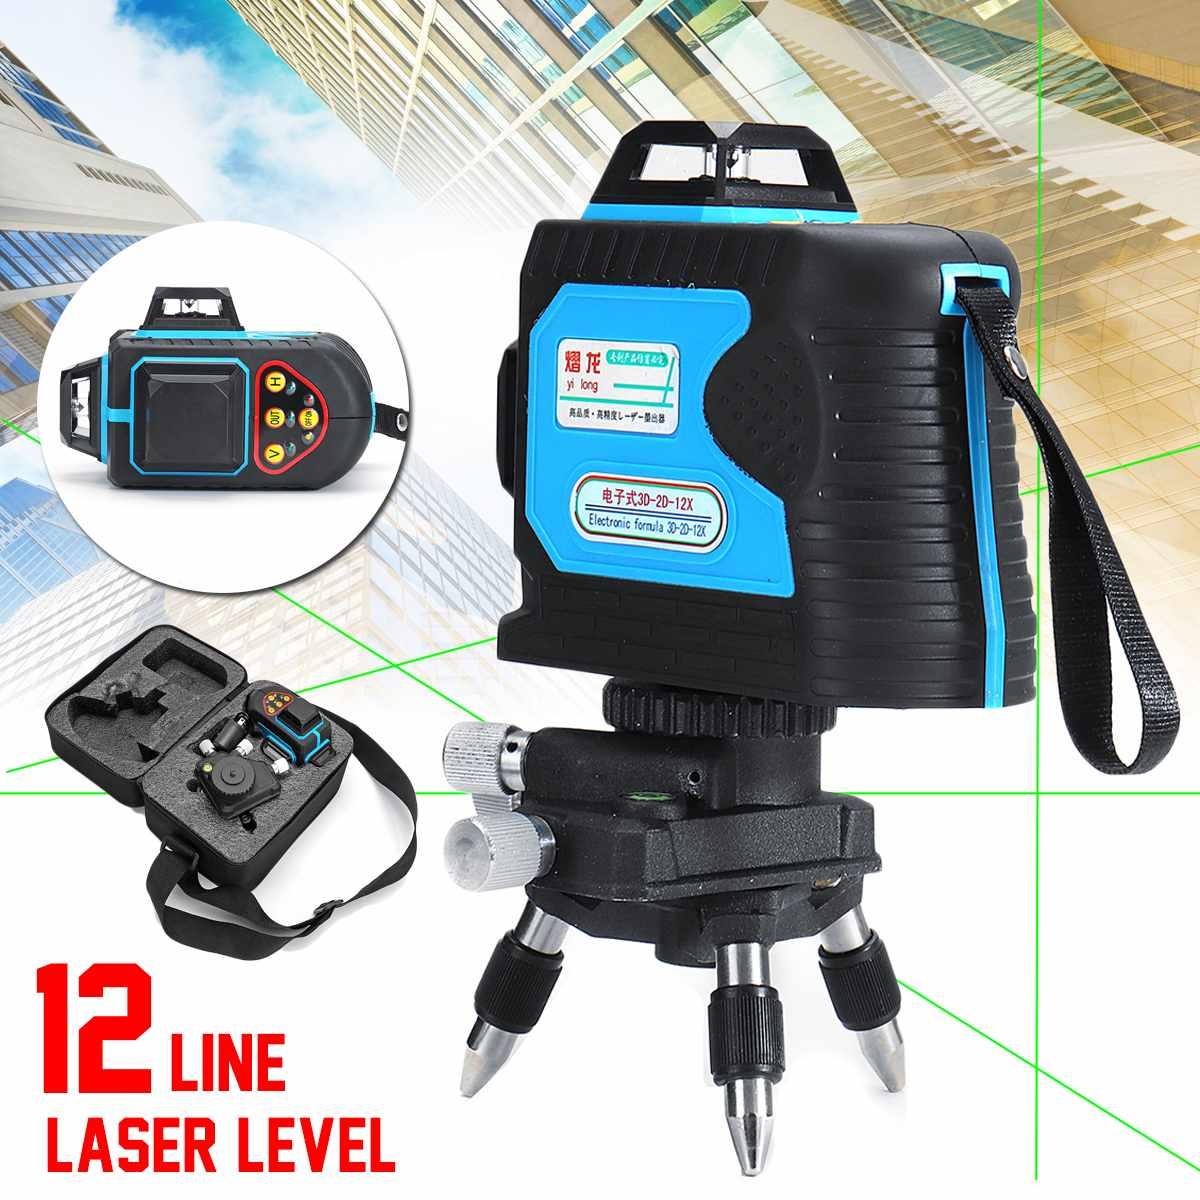 Verde Laser Level 3D Precisione Self Leveling 360 120X12 Linee di Controllo Remoto Antiurto 532nm Lunghezza D'onda Ricaricabile Accurate